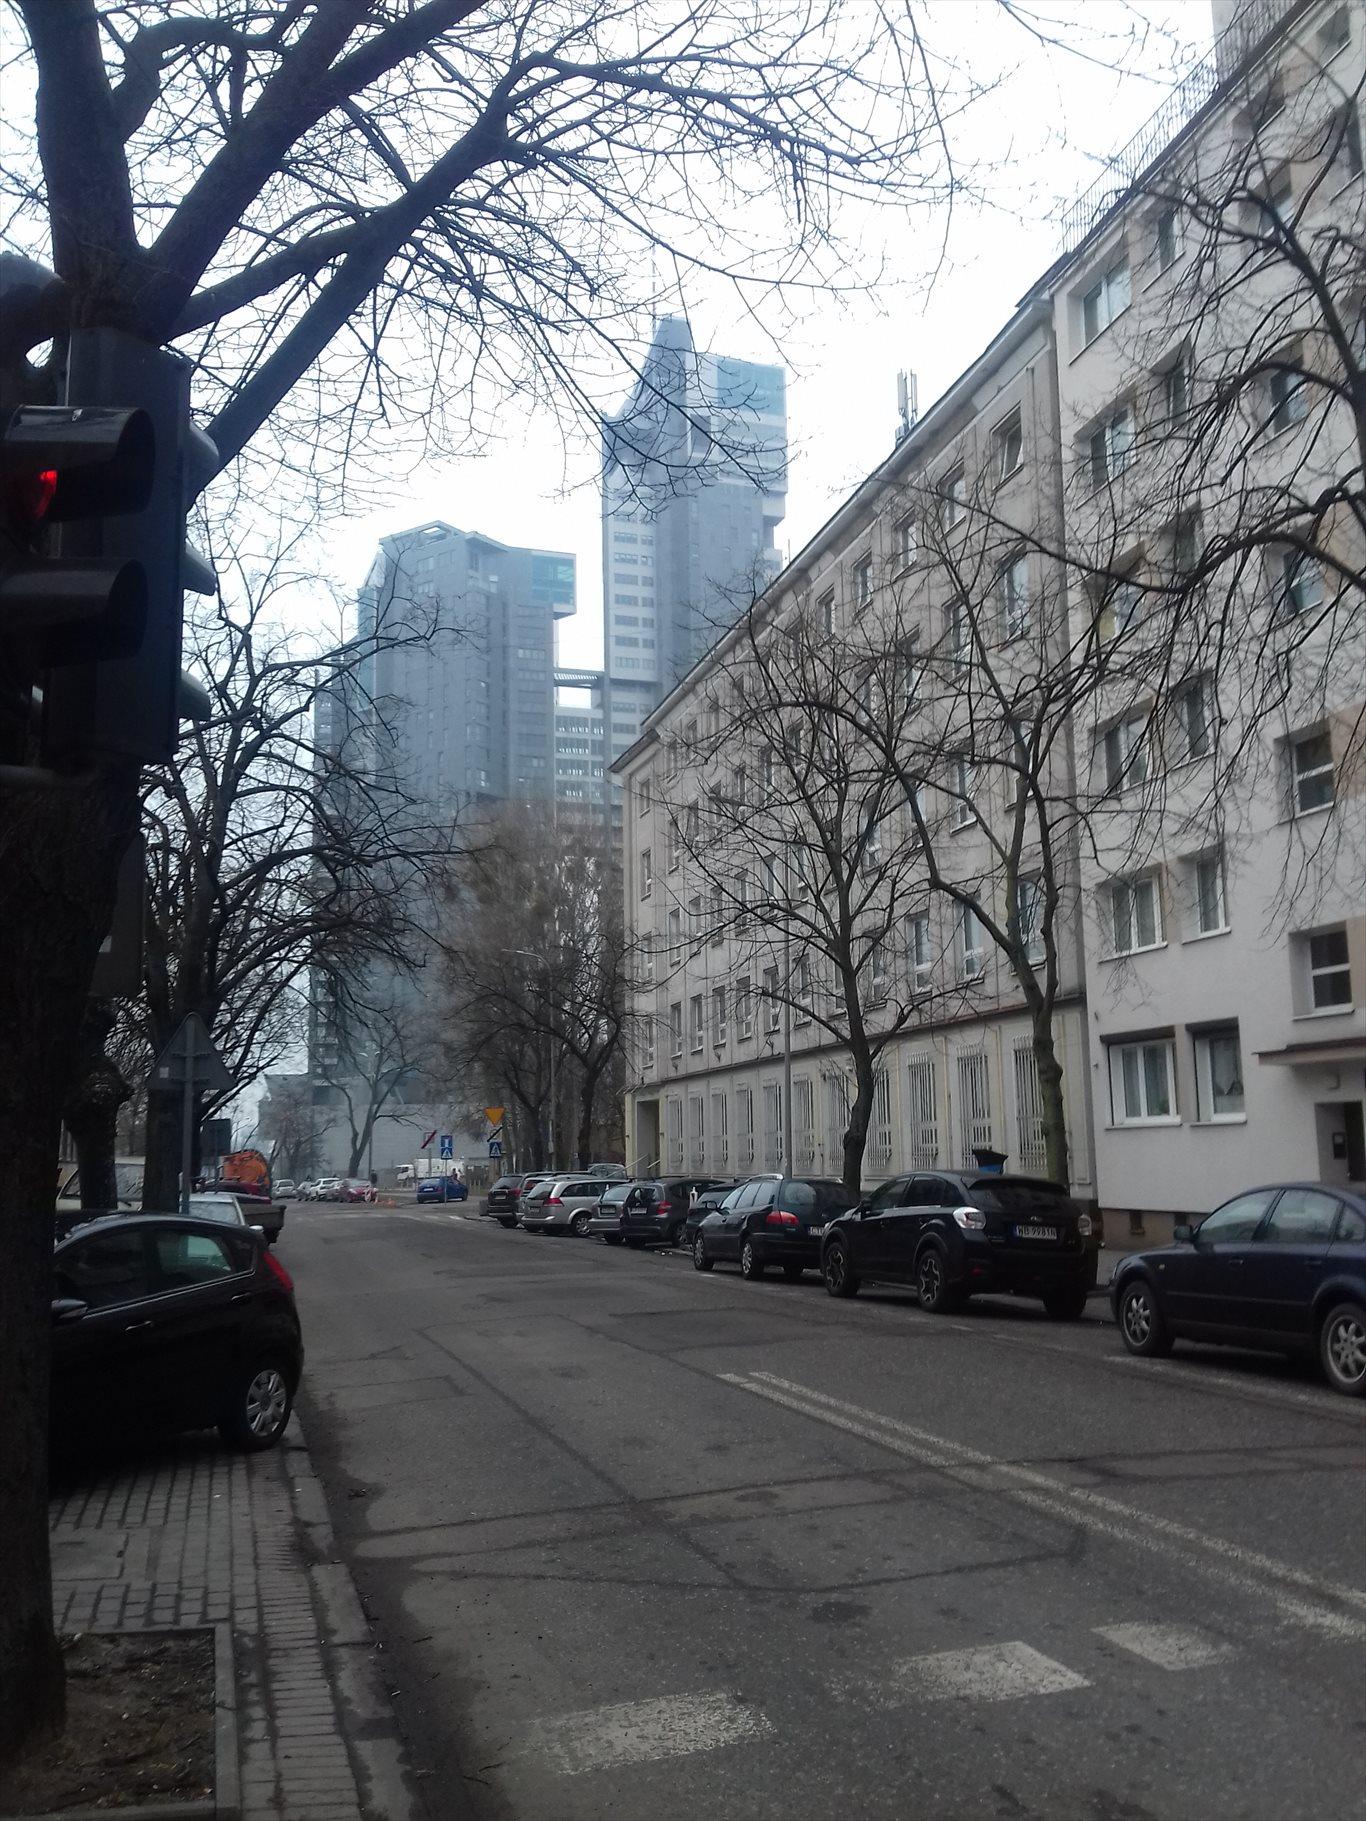 Lokal użytkowy na wynajem Gdynia, Śródmieście, Waszyngtona  239m2 Foto 1